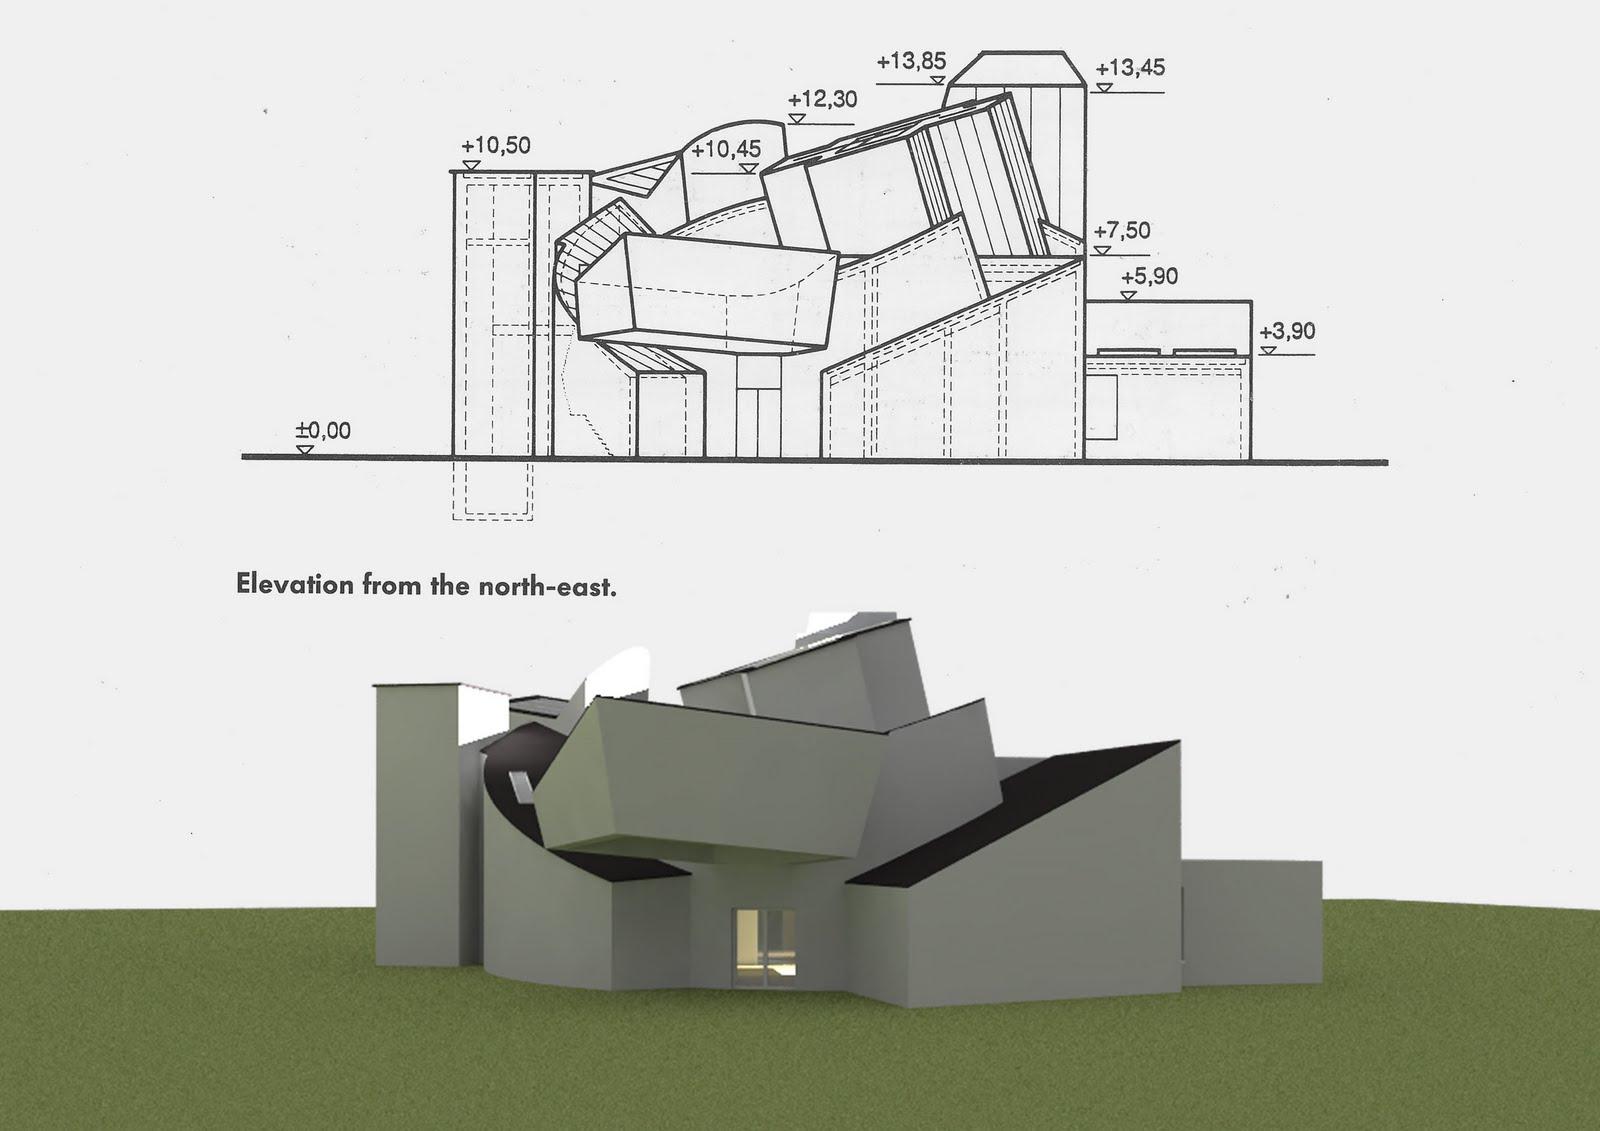 Poster vitra design museum - Vitra Design Museum Comparison